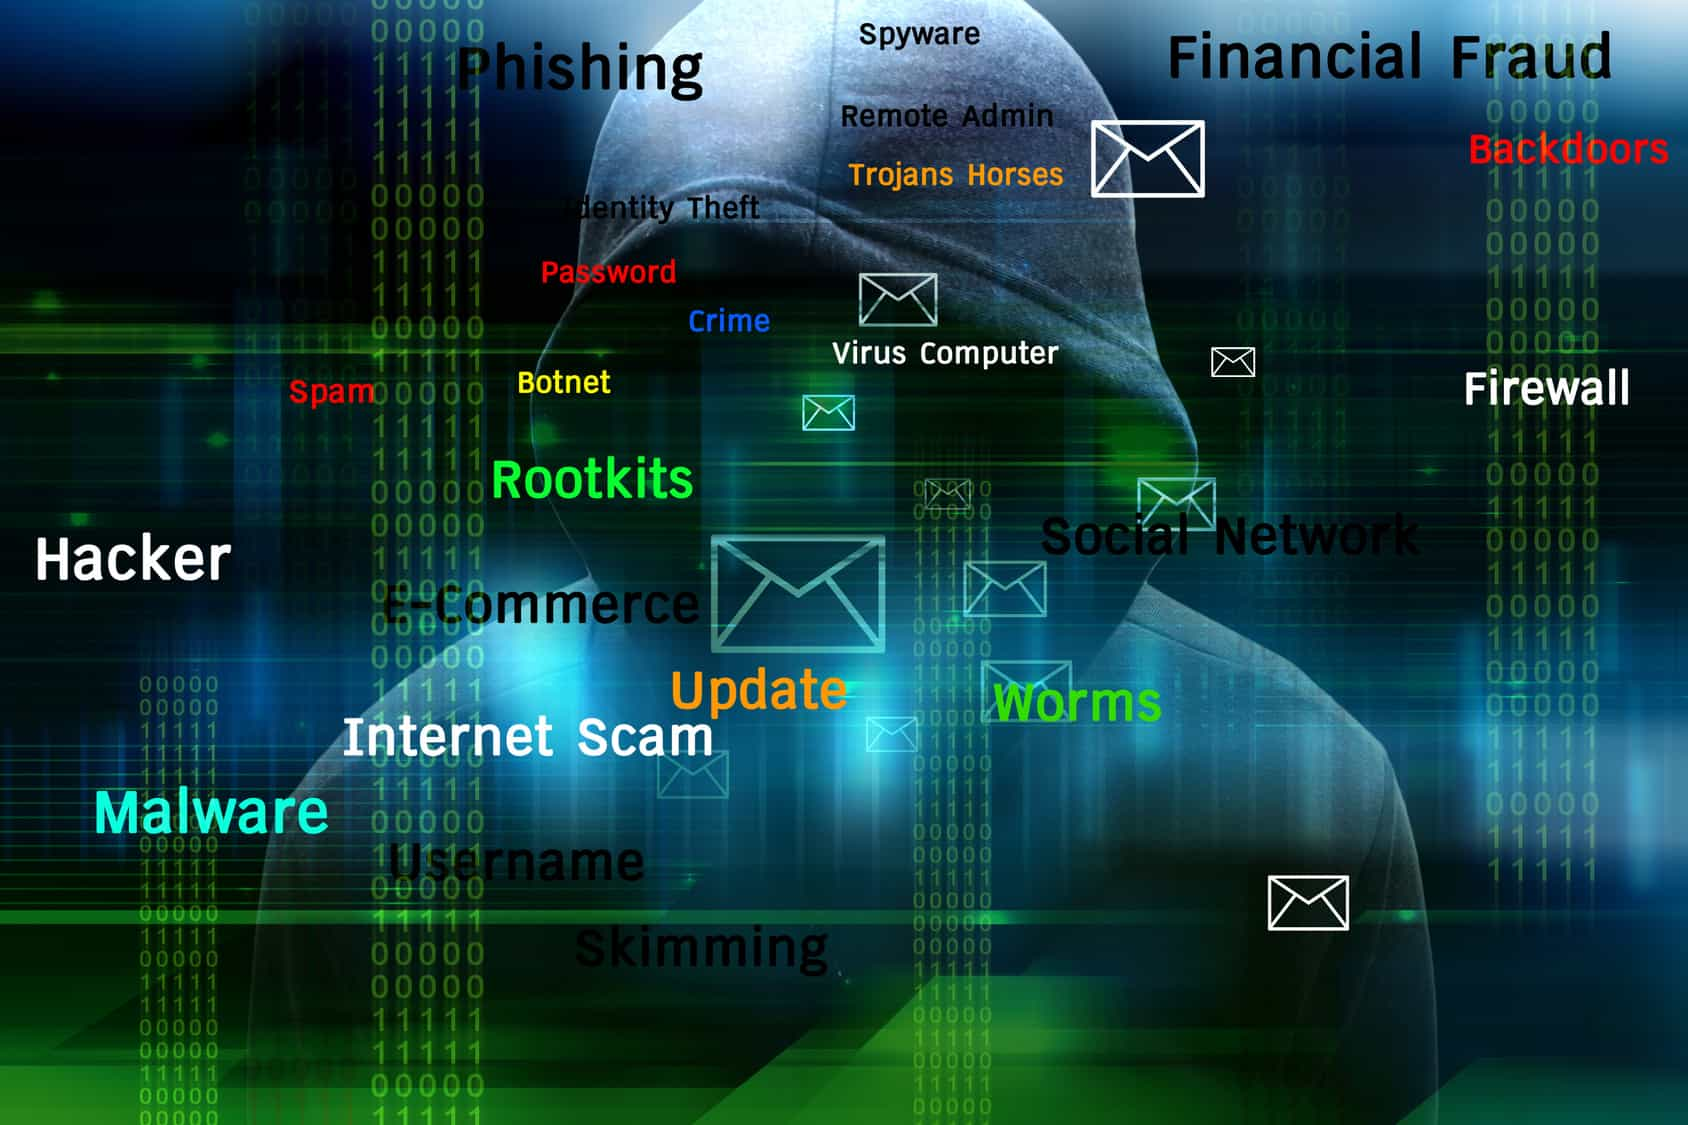 Un ente coordinador, más talento especializado y adhesión a convenios internacionales son algunas propuestas que tiene la industria tecnológica en ciberseguridad para el nuevo gobierno.